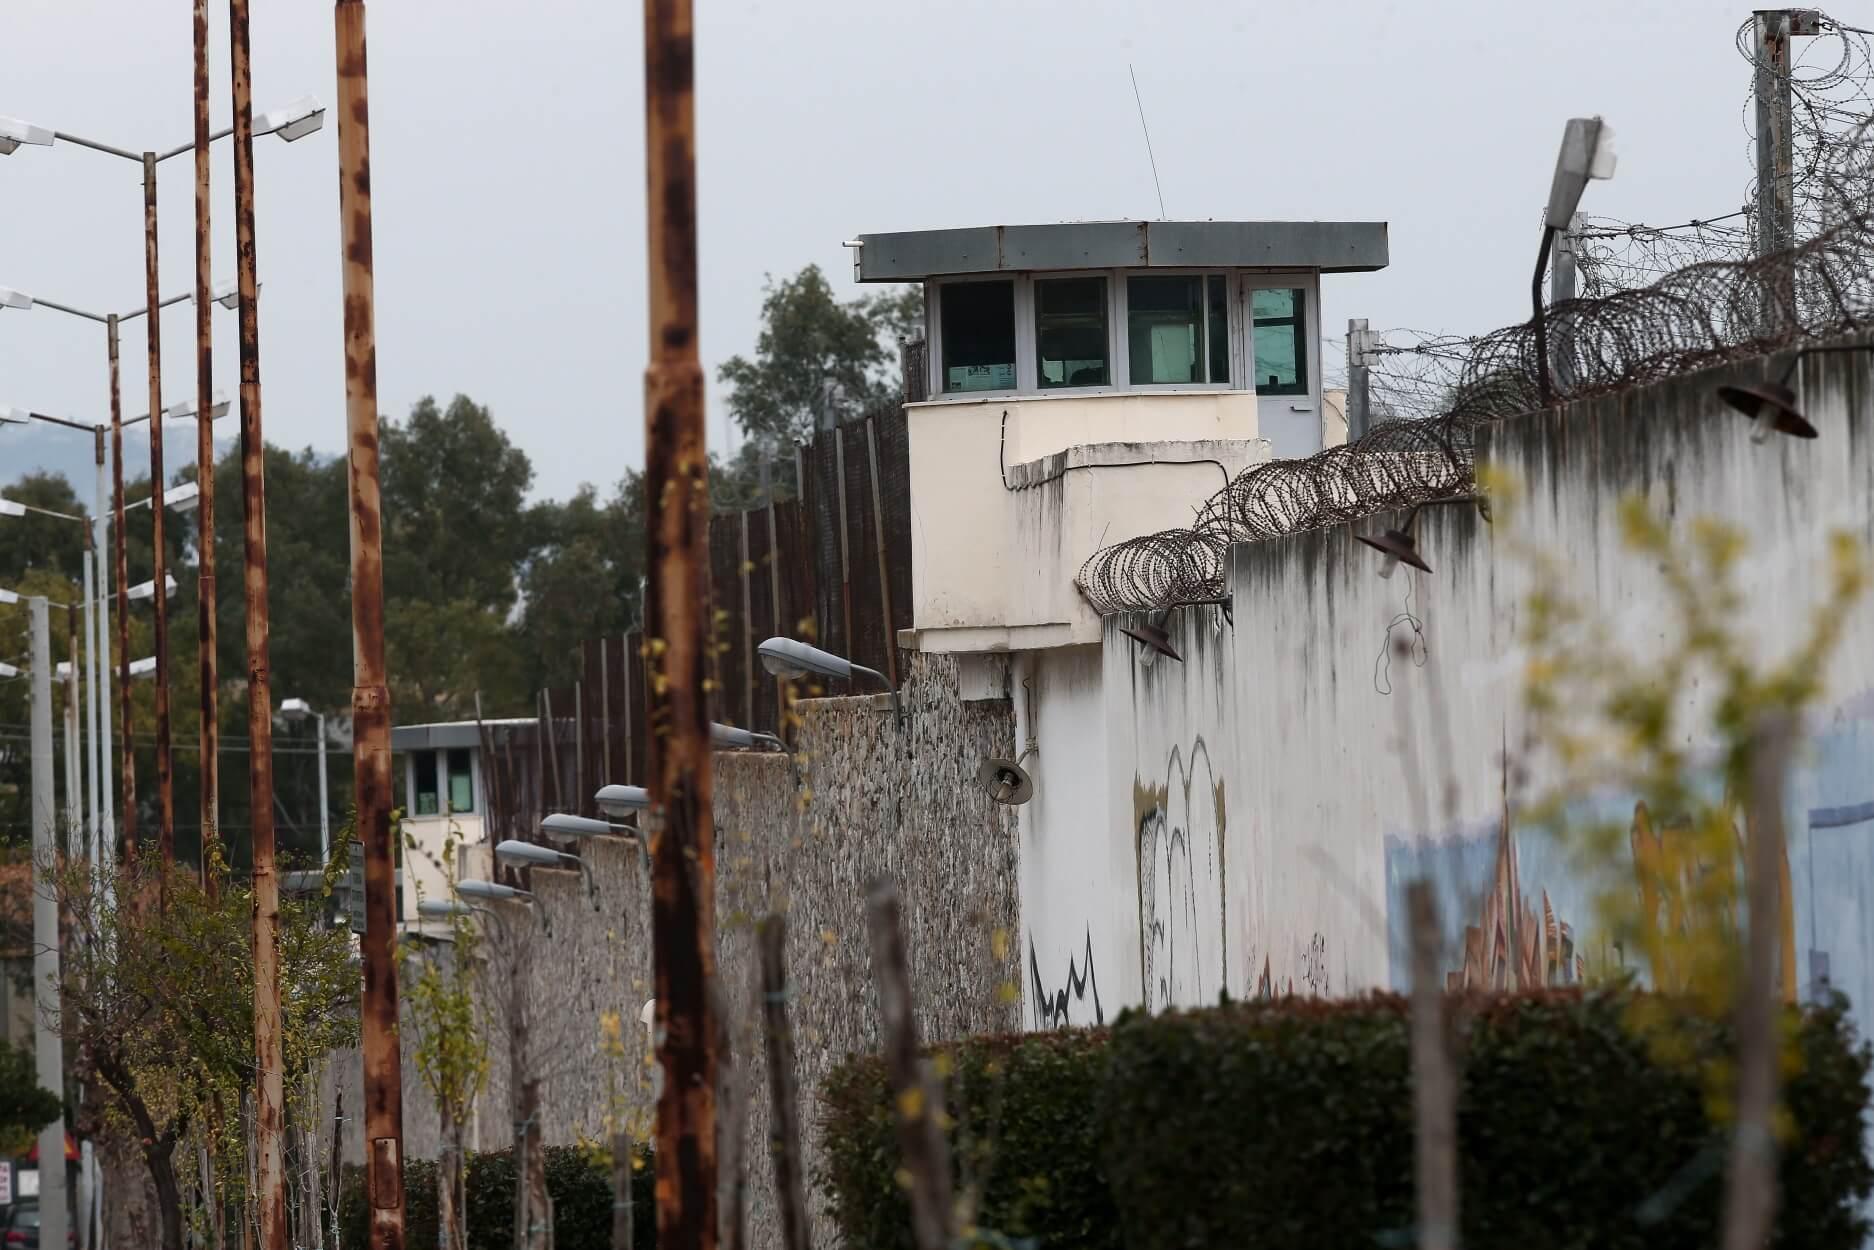 Μαφία φυλακών: Θα μαχαίρωναν τον Βορίδη μέσα στο δικαστήριο!